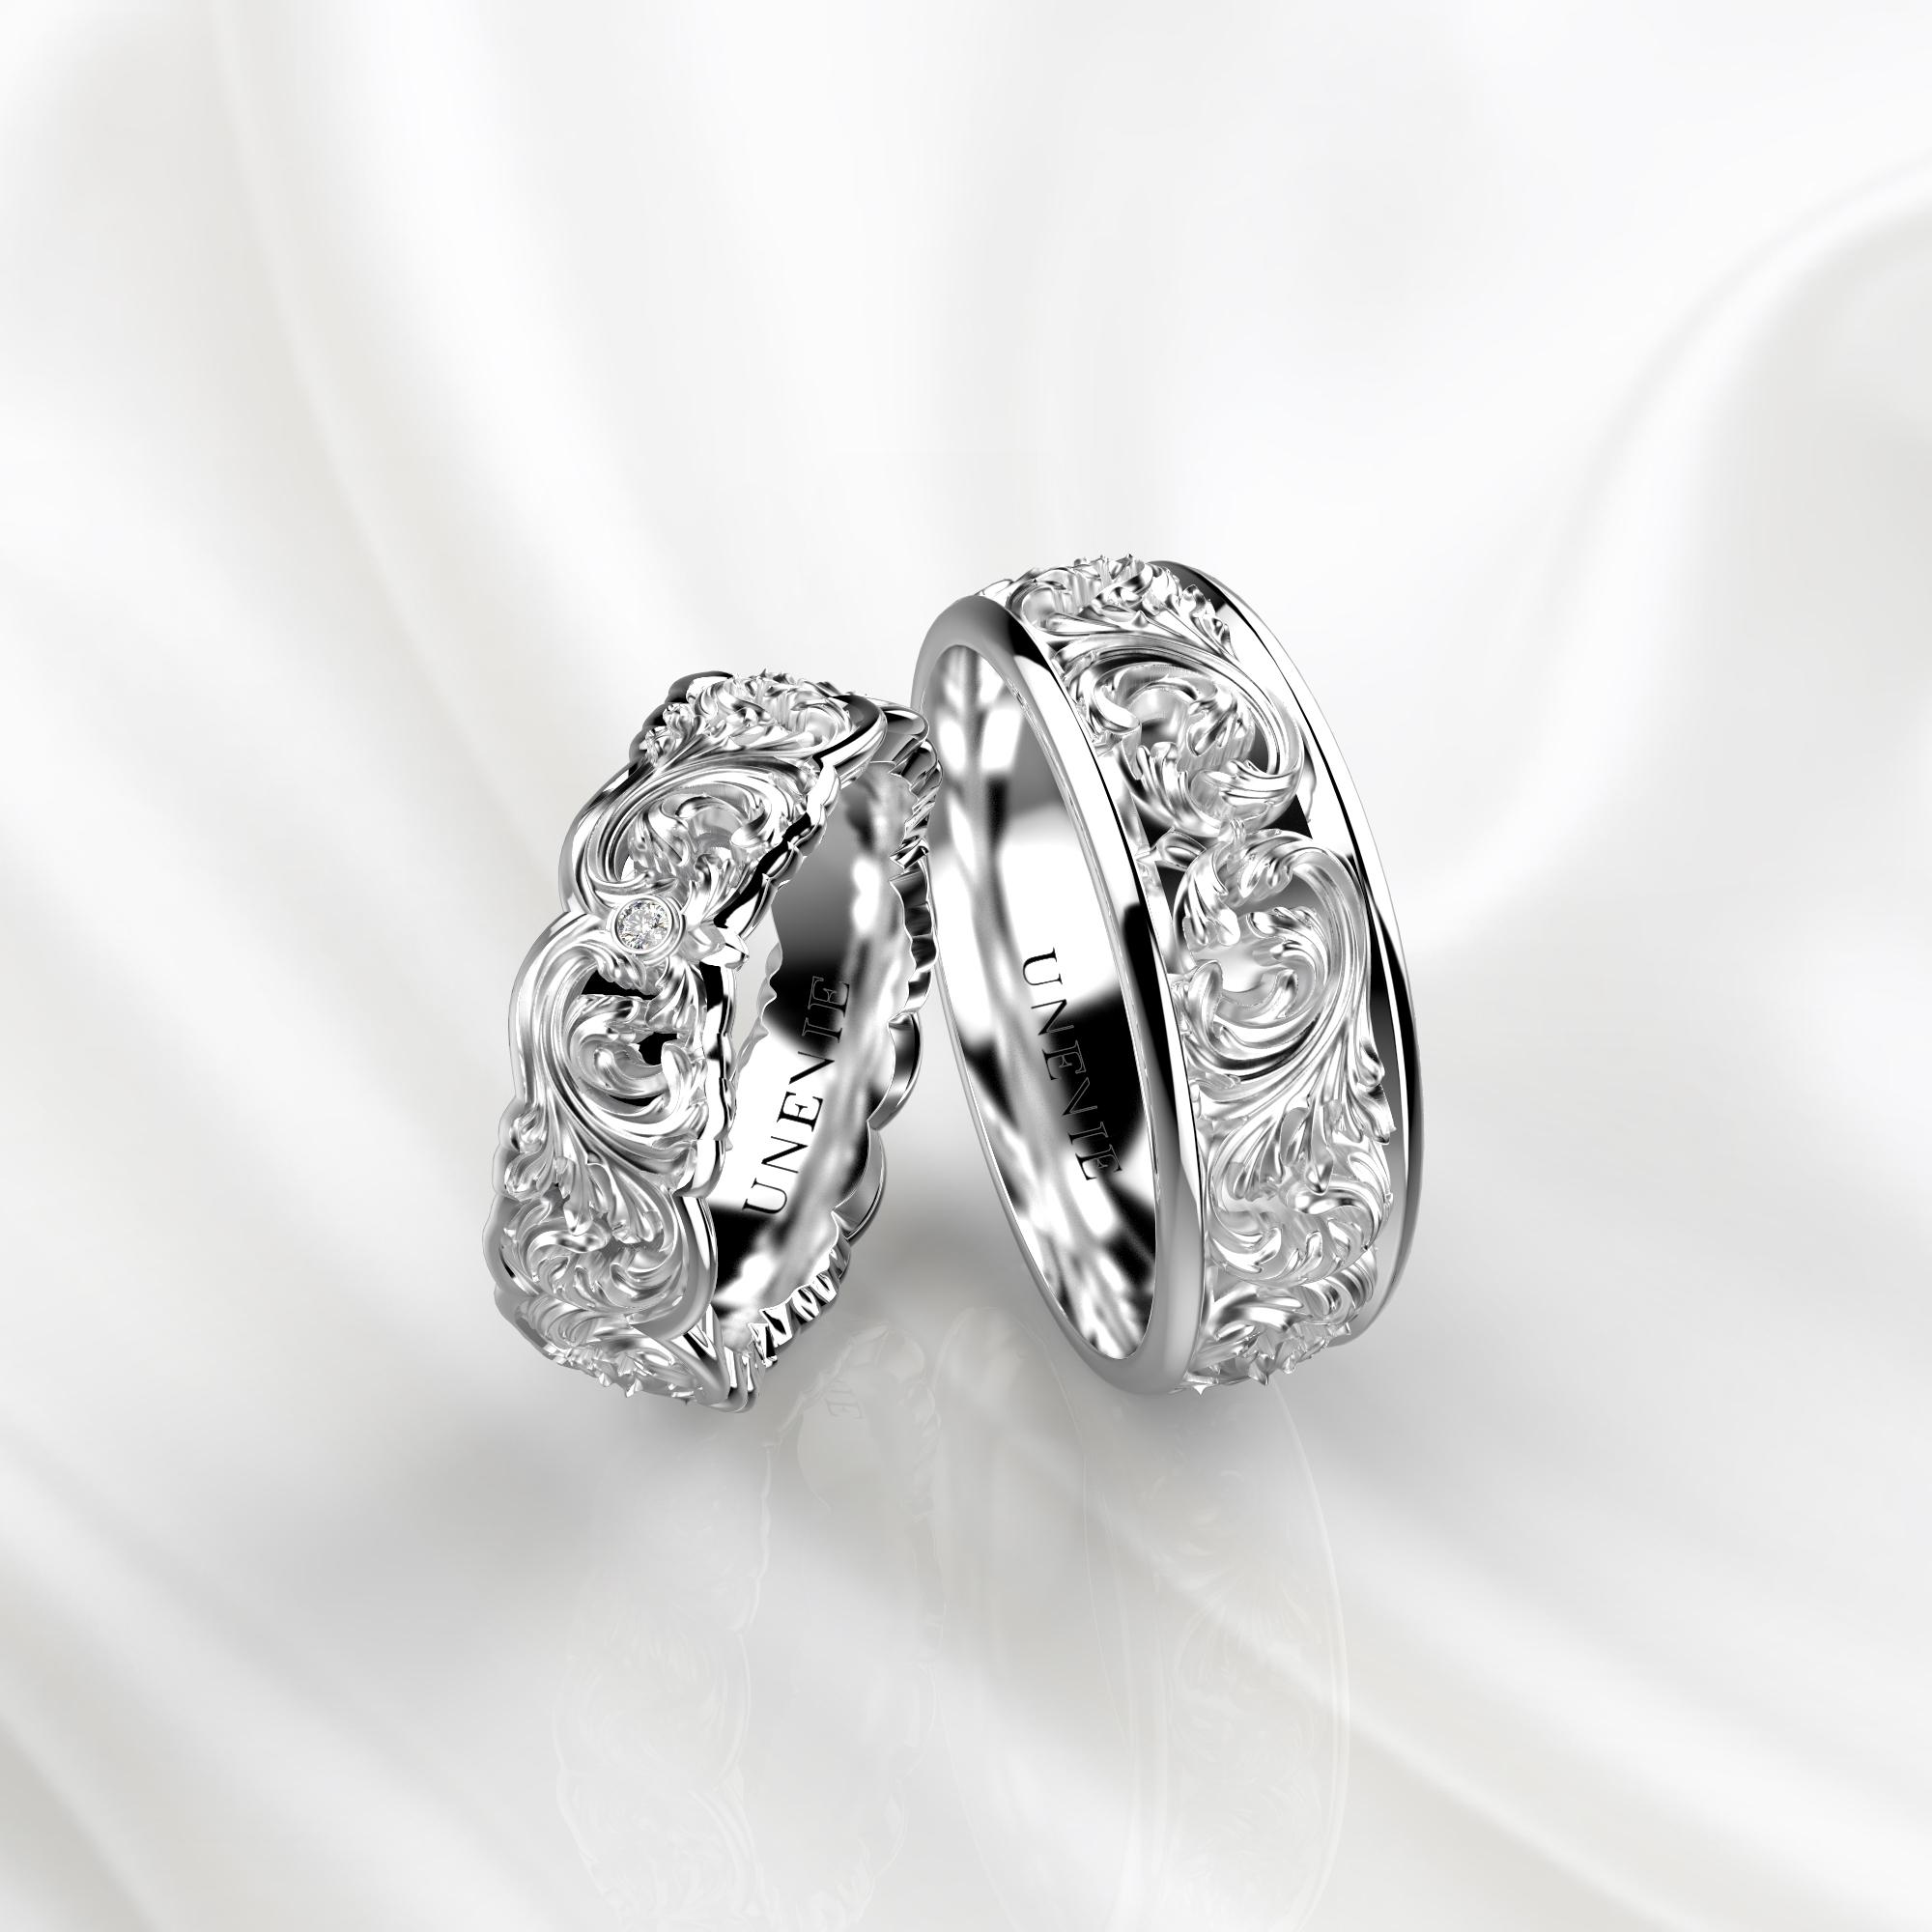 NV33 Обручальные кольца из белого золота с бриллиантами